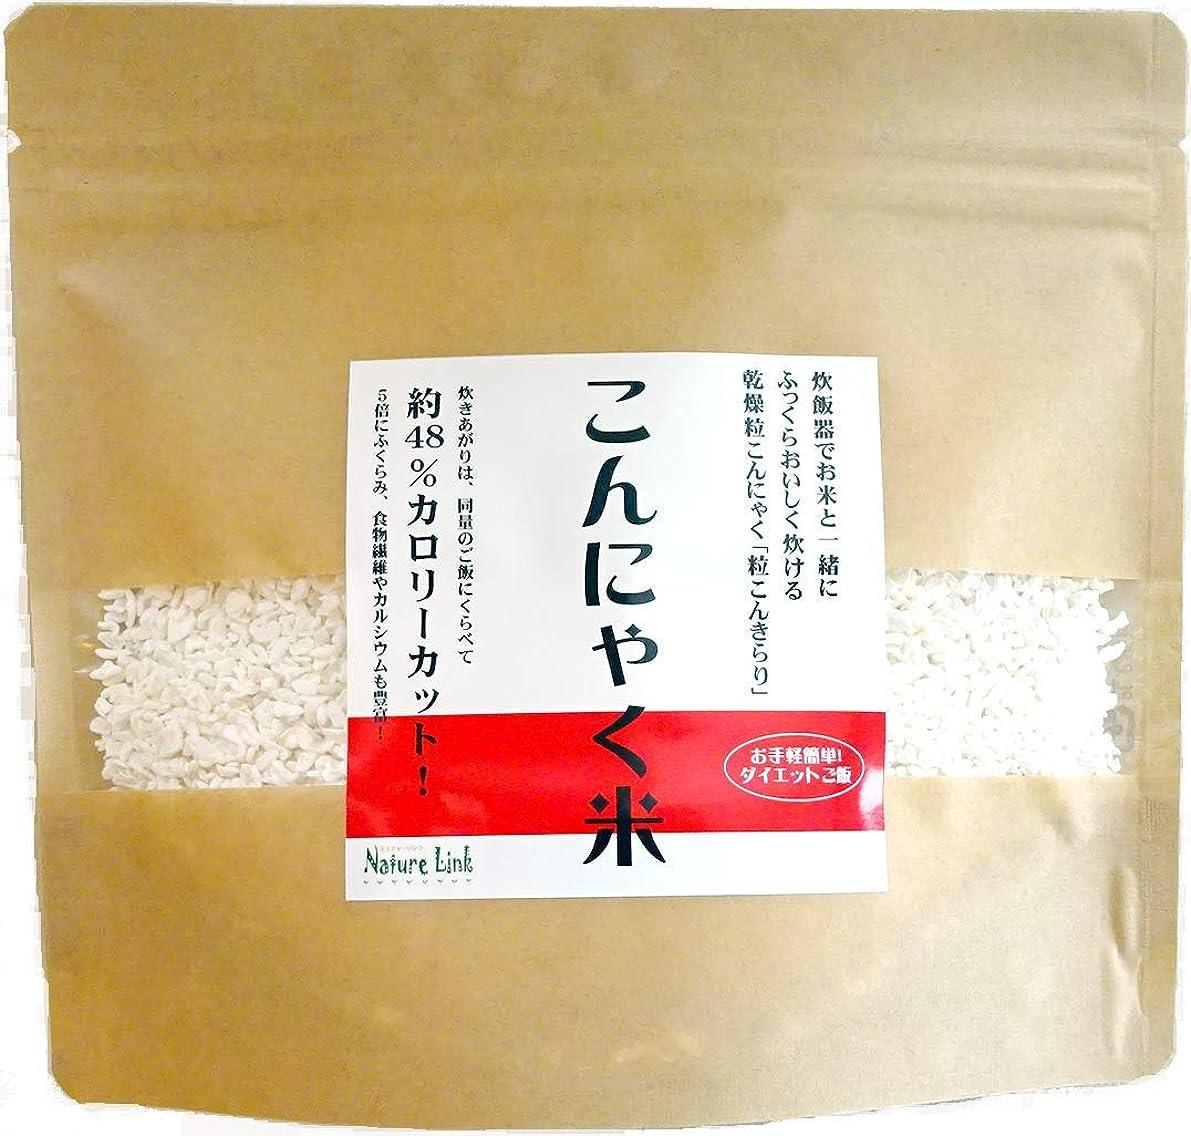 メンタル同意測定こんにゃく米 乾燥 粒こんにゃく ダイエット 糖質オフ 低糖質 糖質制限 カロリーオフ 無農薬 こんにゃくごはん お米と炊くだけ簡単 粒こんきらり 500g